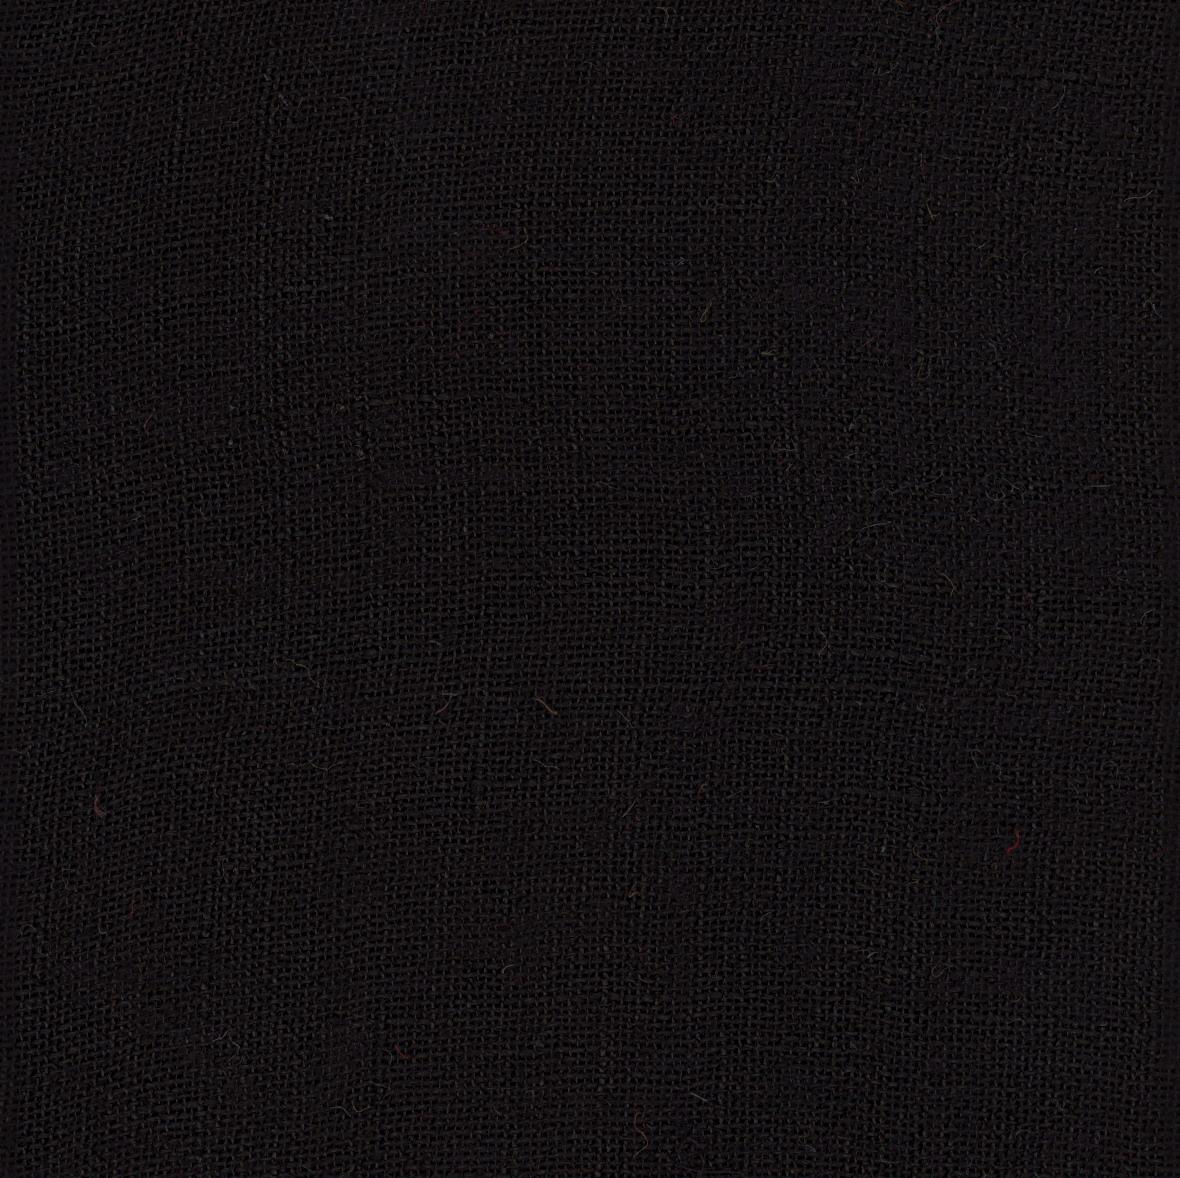 SGARZOLINO MACHE' UNITO Black